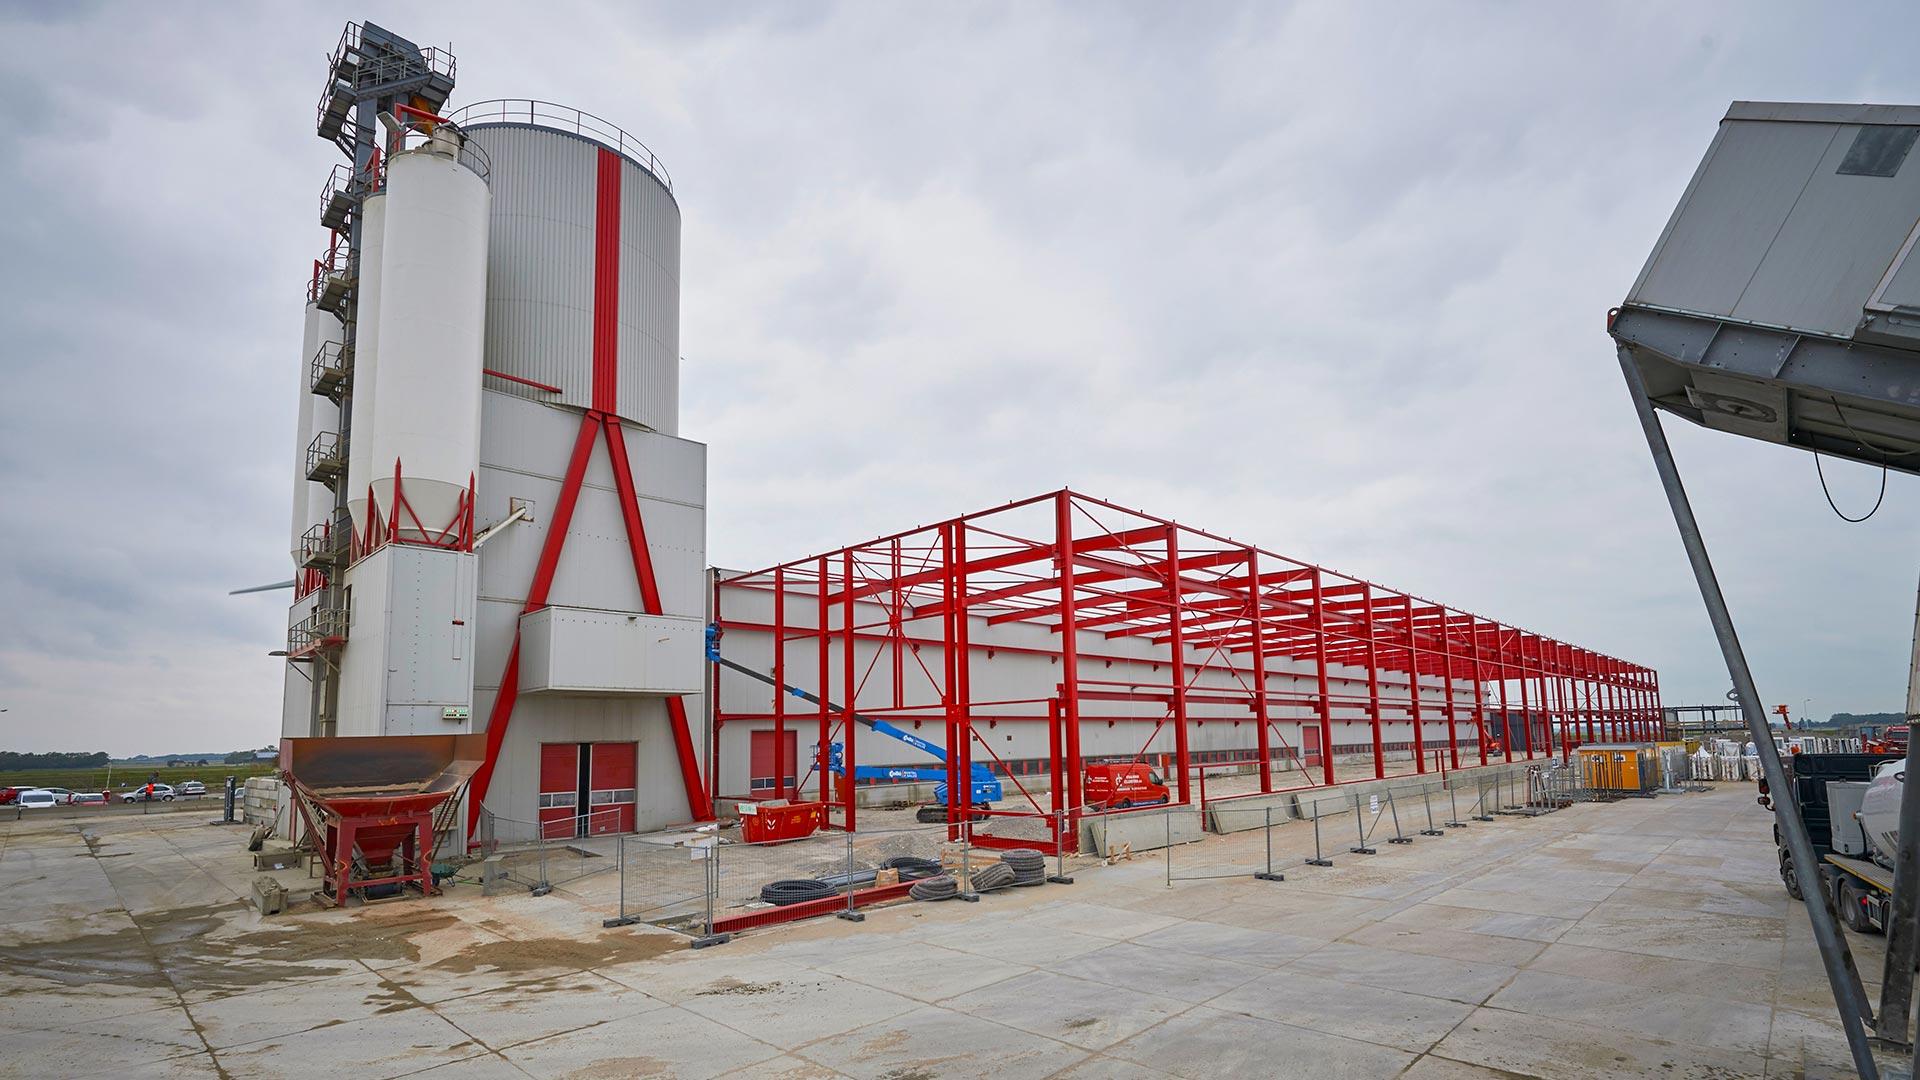 De uitbreiding van de bestaande fabriek van Spaansen Bouwsystemen in Harlingen